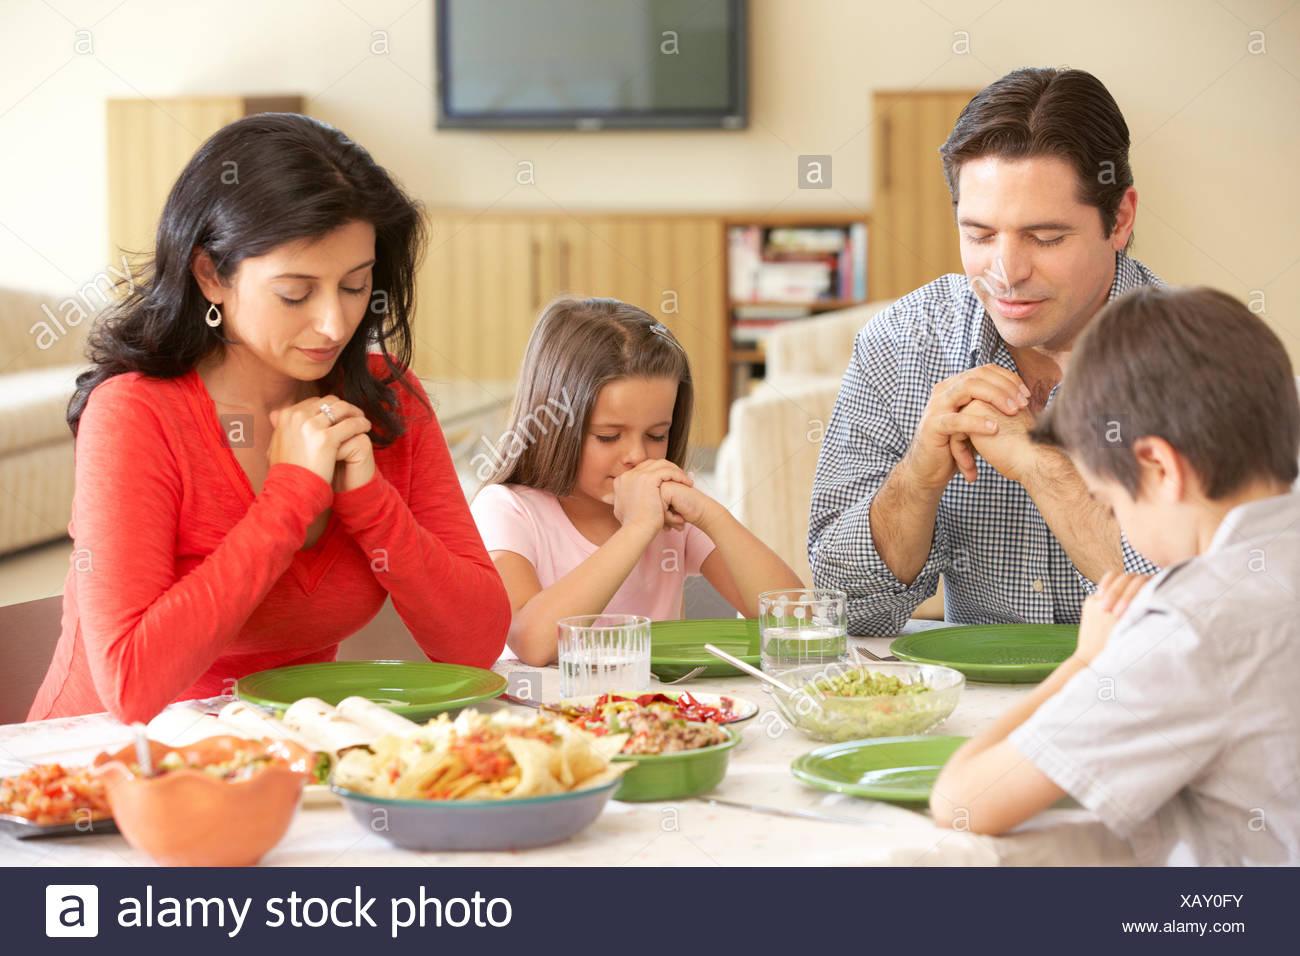 junge spanische familie beten vor dem essen zu hause stockfoto bild 282105599 alamy. Black Bedroom Furniture Sets. Home Design Ideas